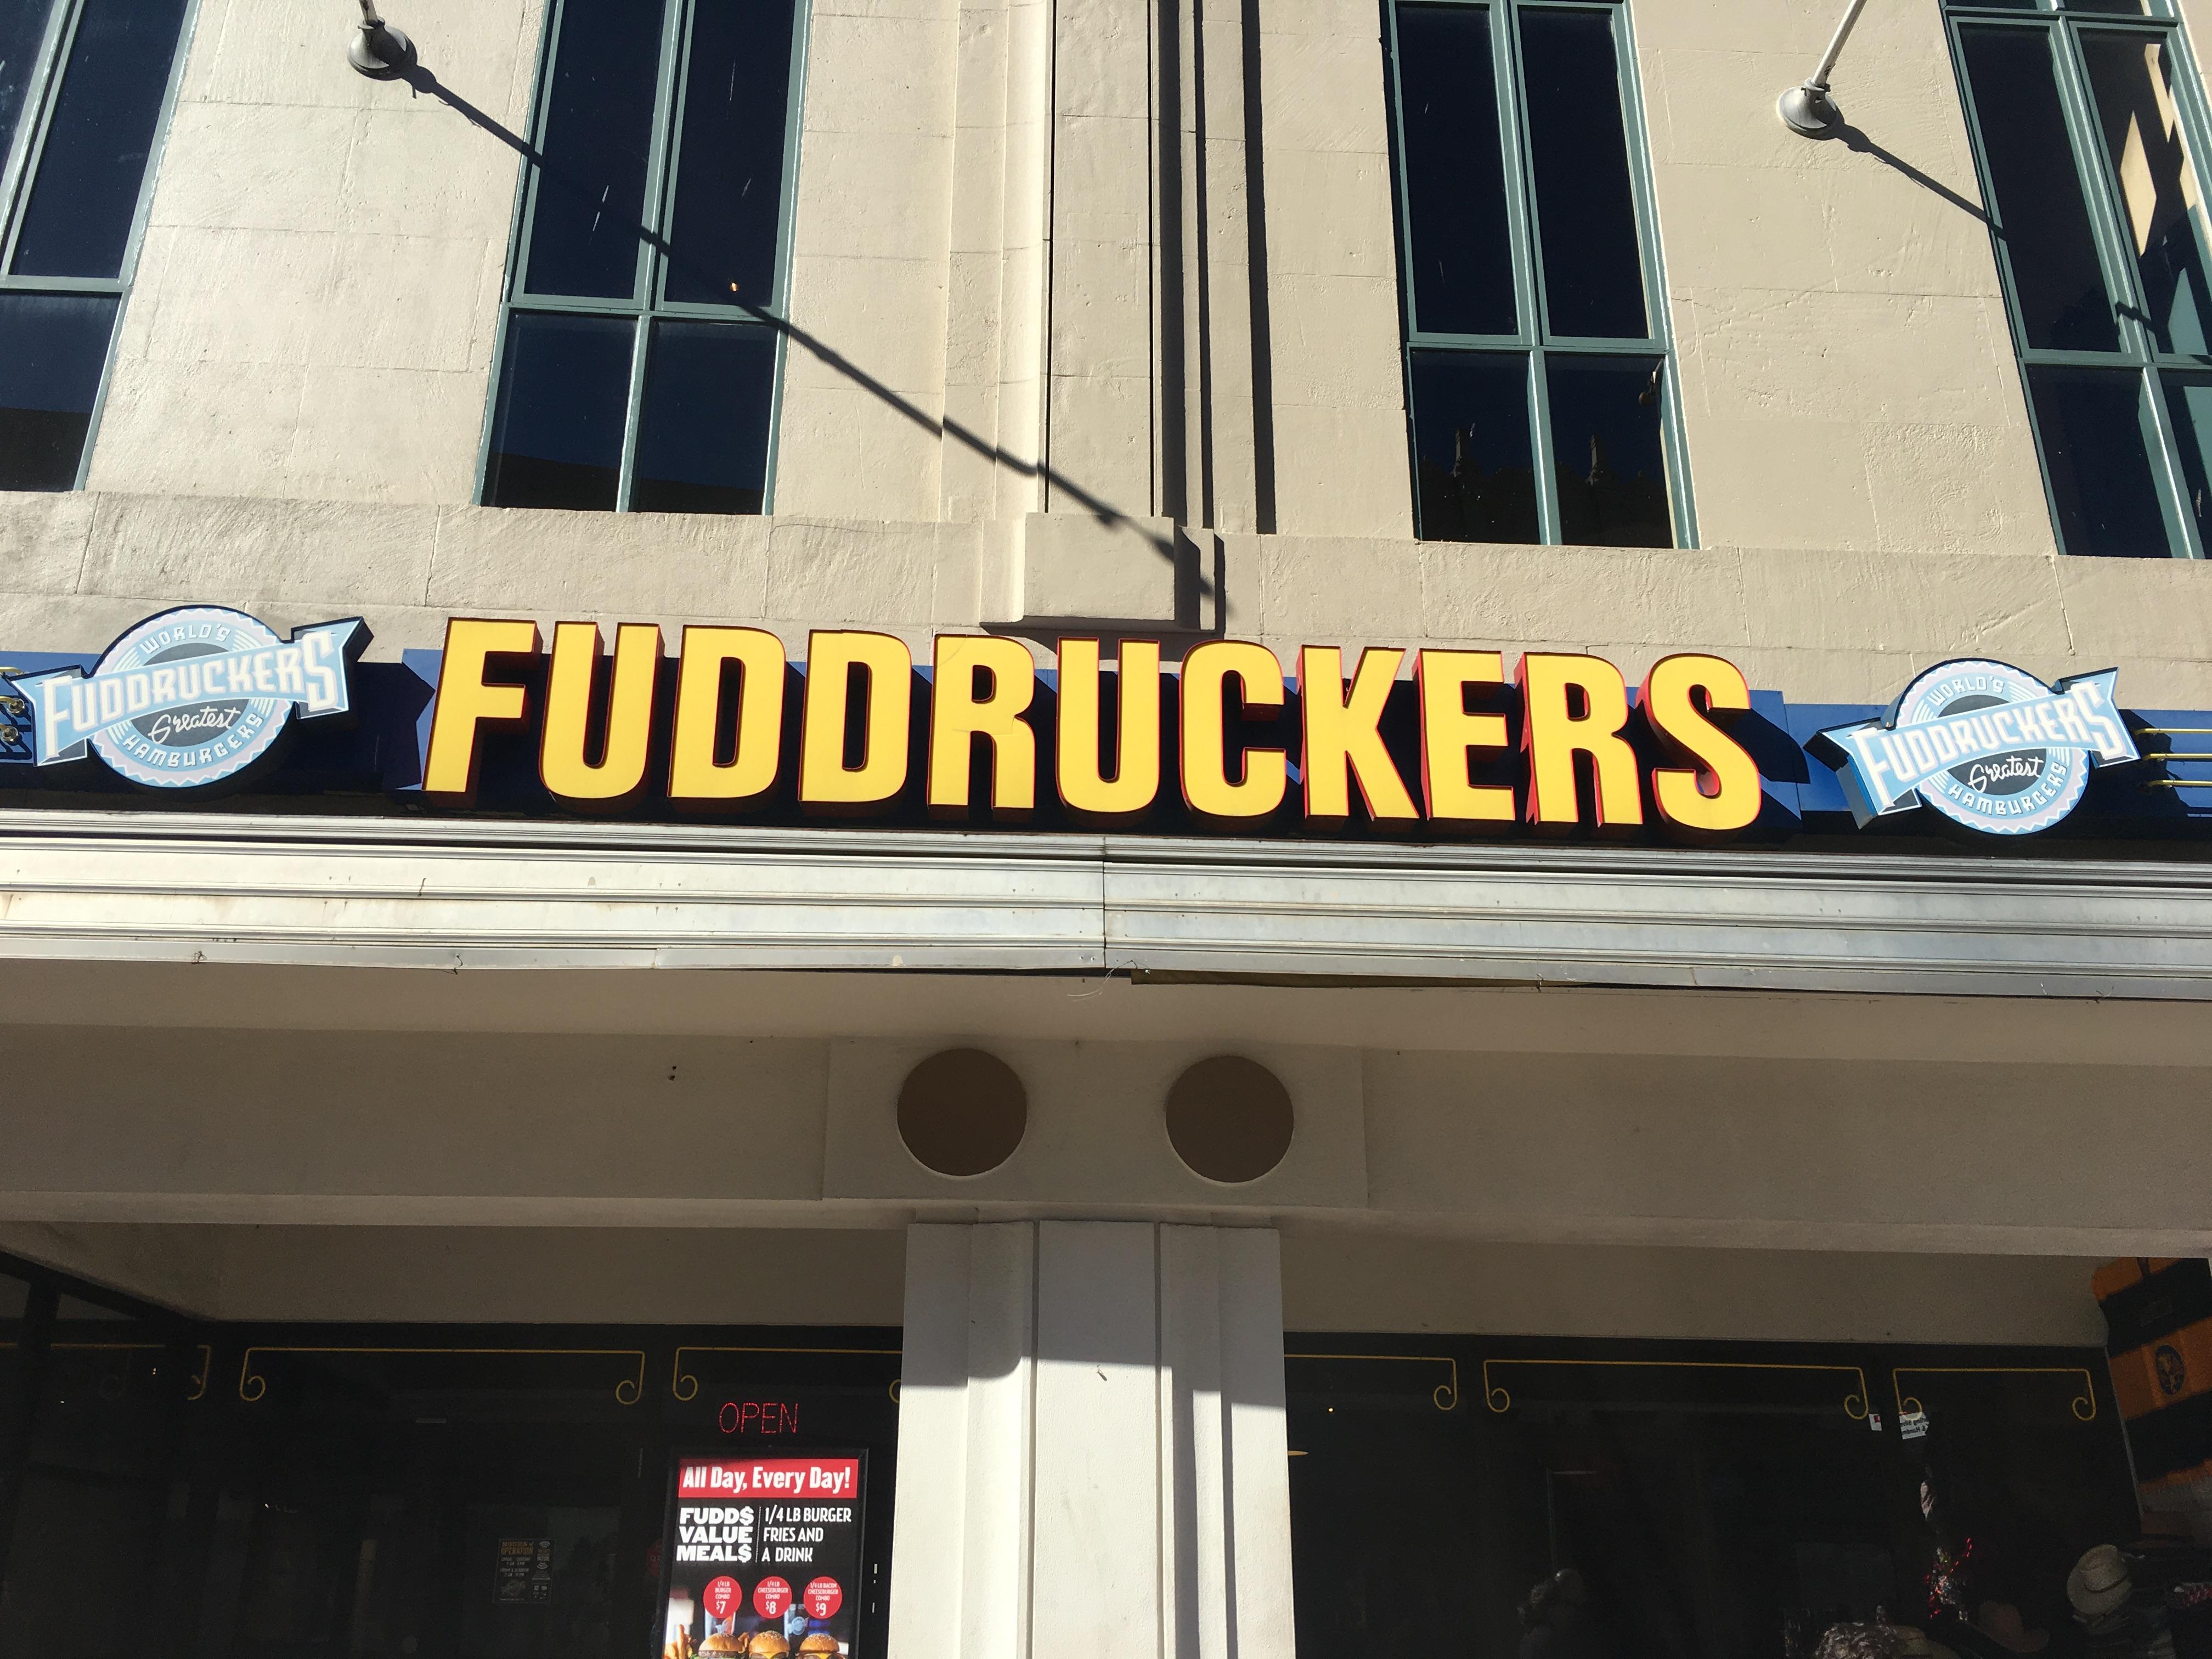 【Fuddruckers】サンアントニオ発の美味しいハンバーガー屋に行ってみた!【観光にも便利】